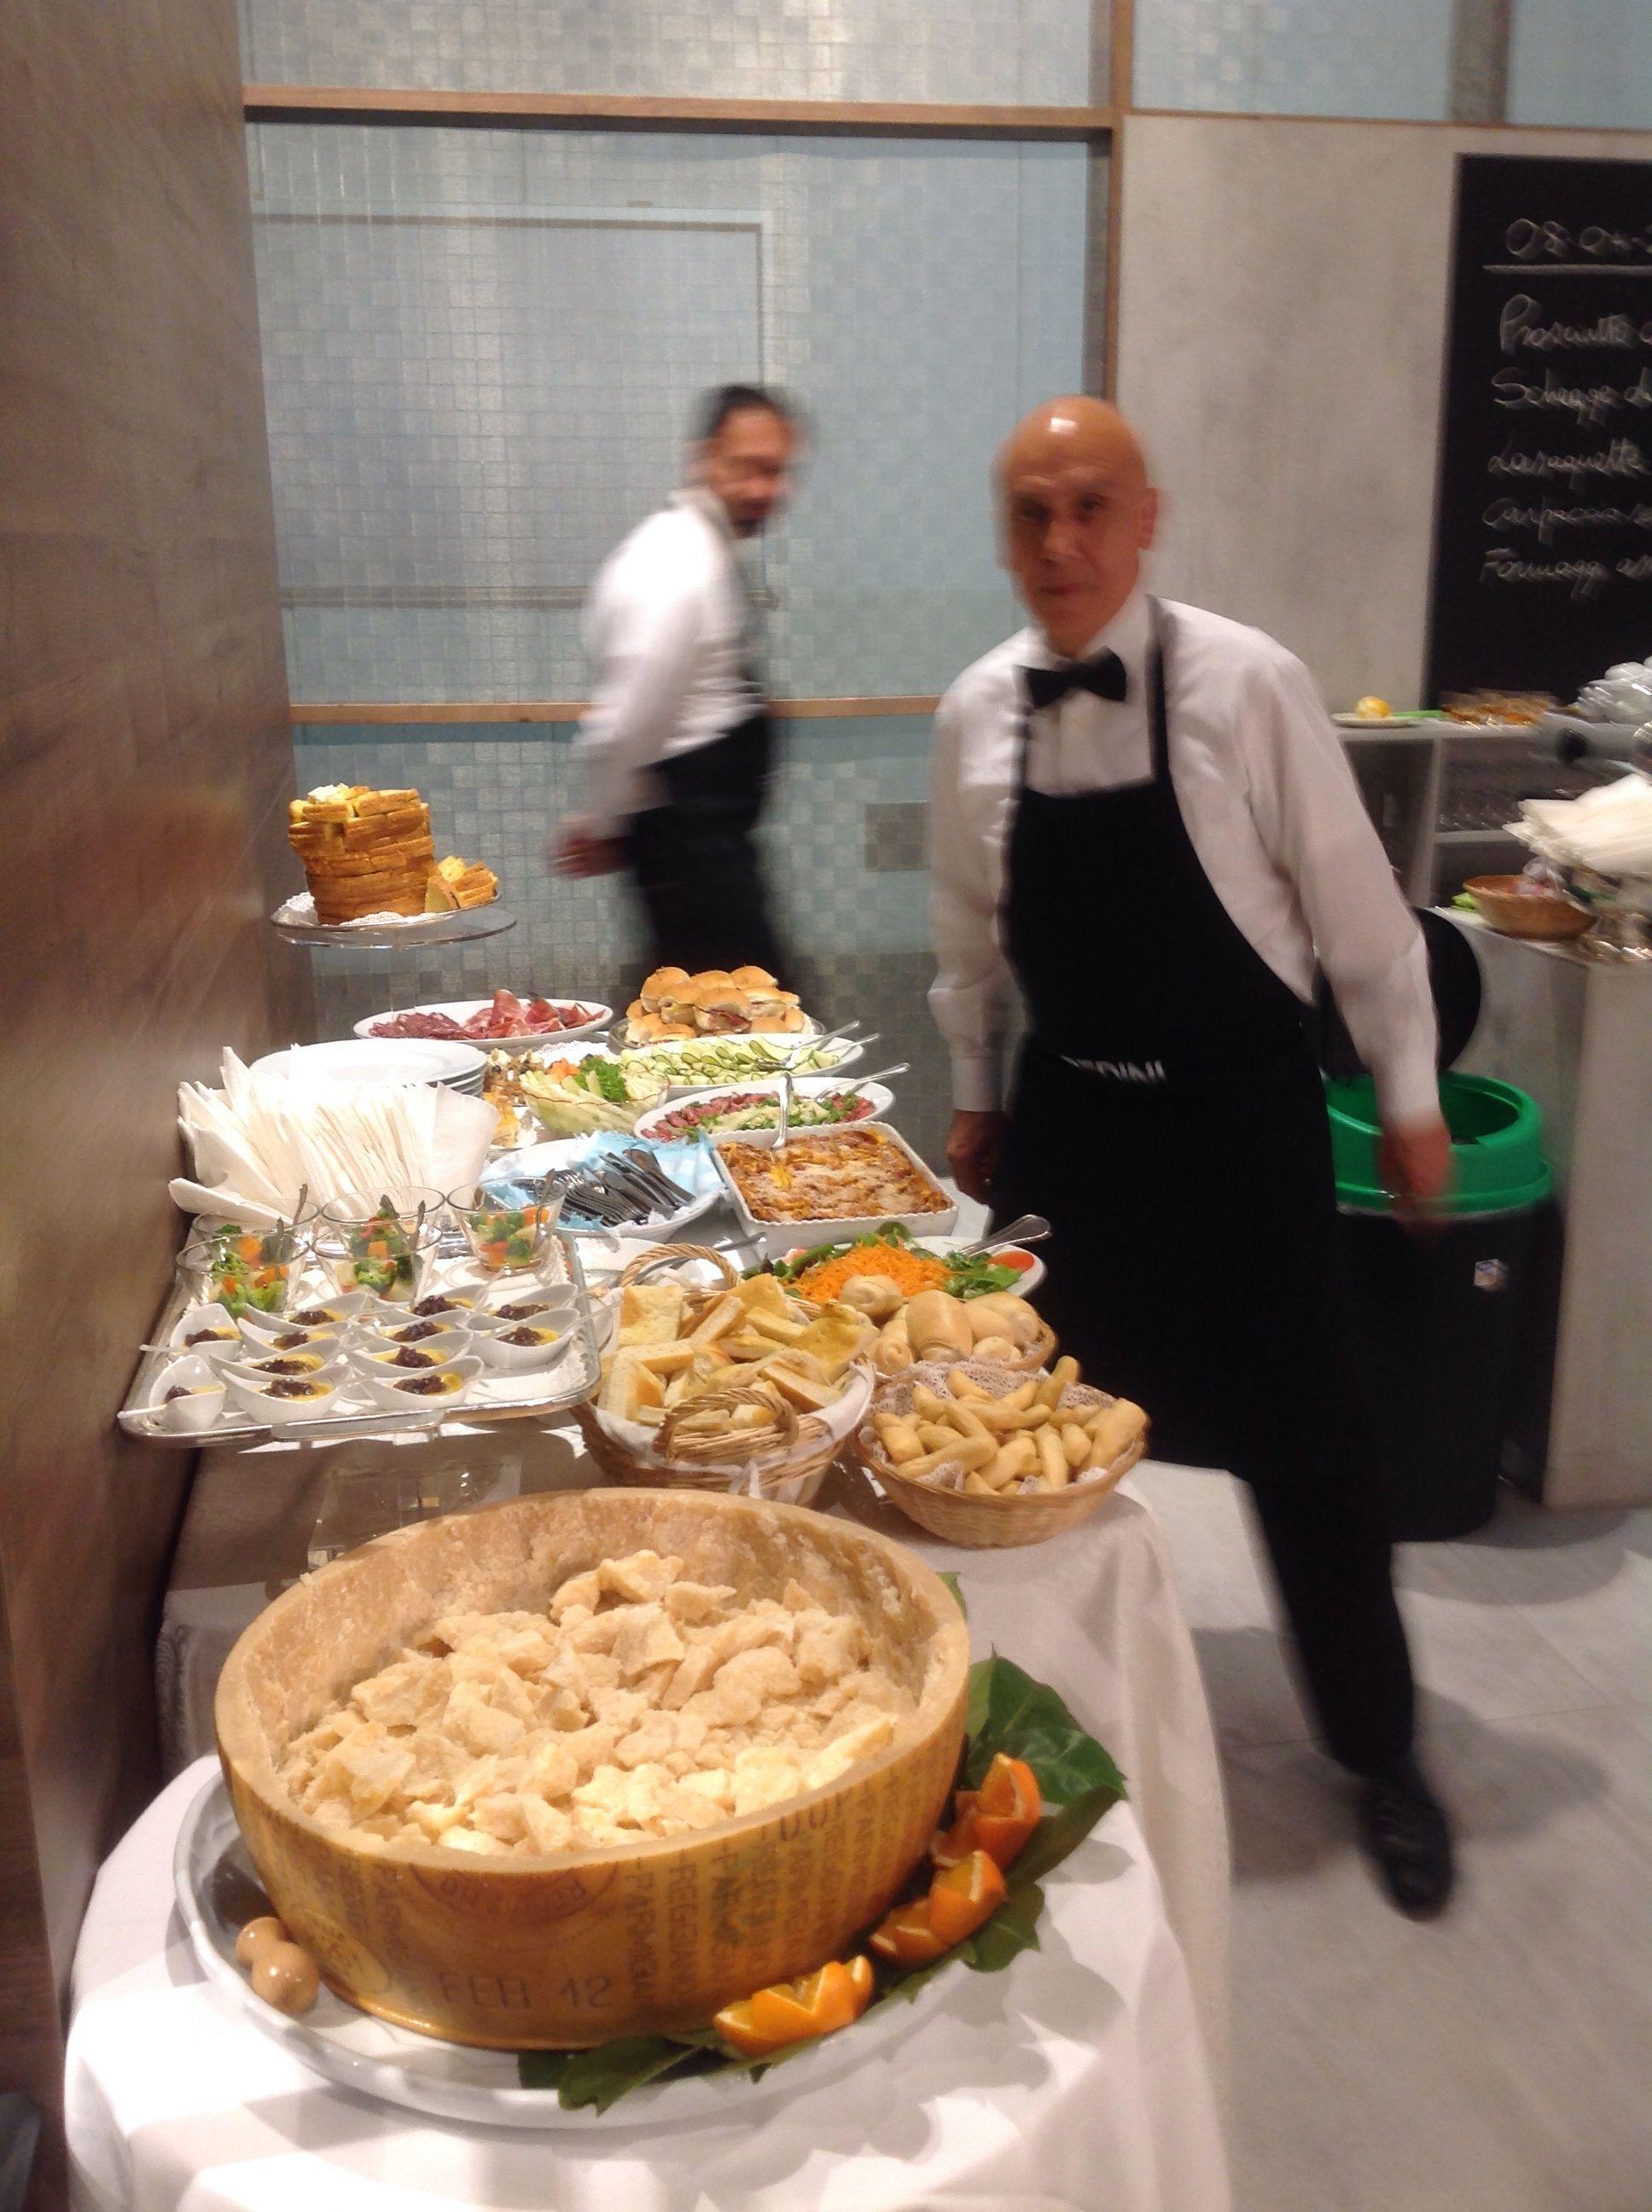 Buon cibo in una buona cucina Pedini!!!! Good food